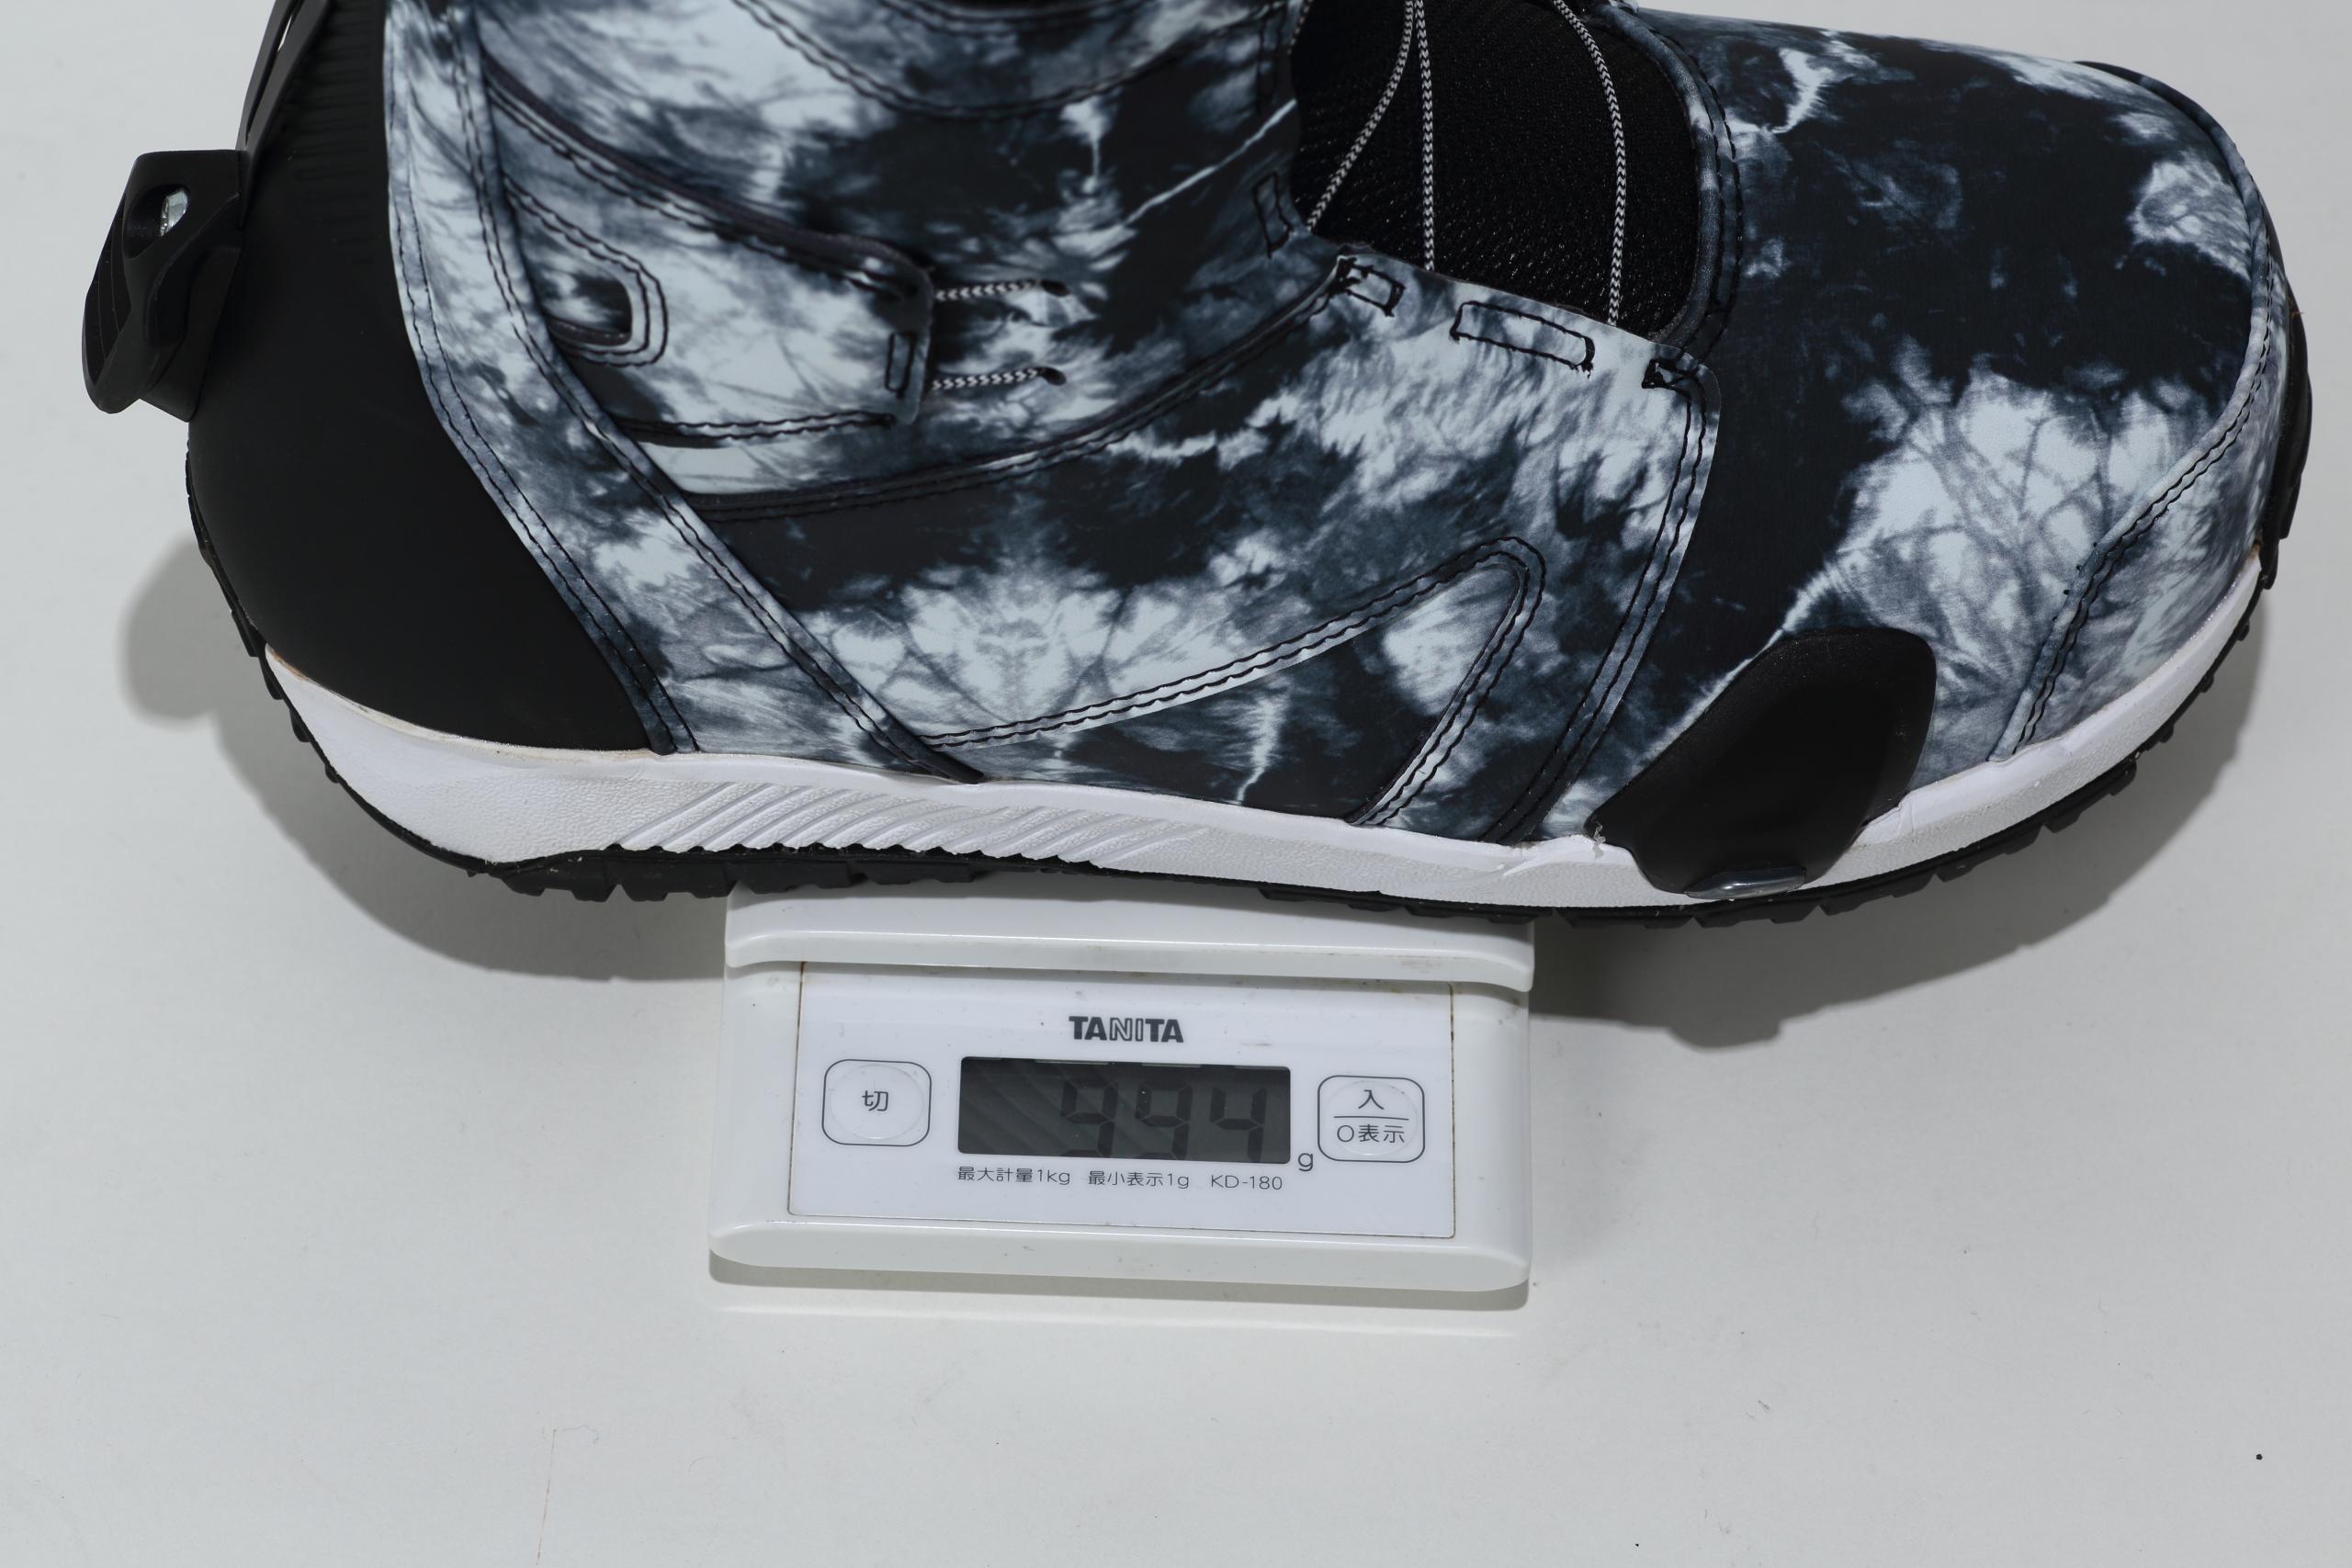 ブーツの重量は実測1,000g足らず(Ruler 27cm)ととても軽い。どれだけスマートなブーツであるかが数字に現れている